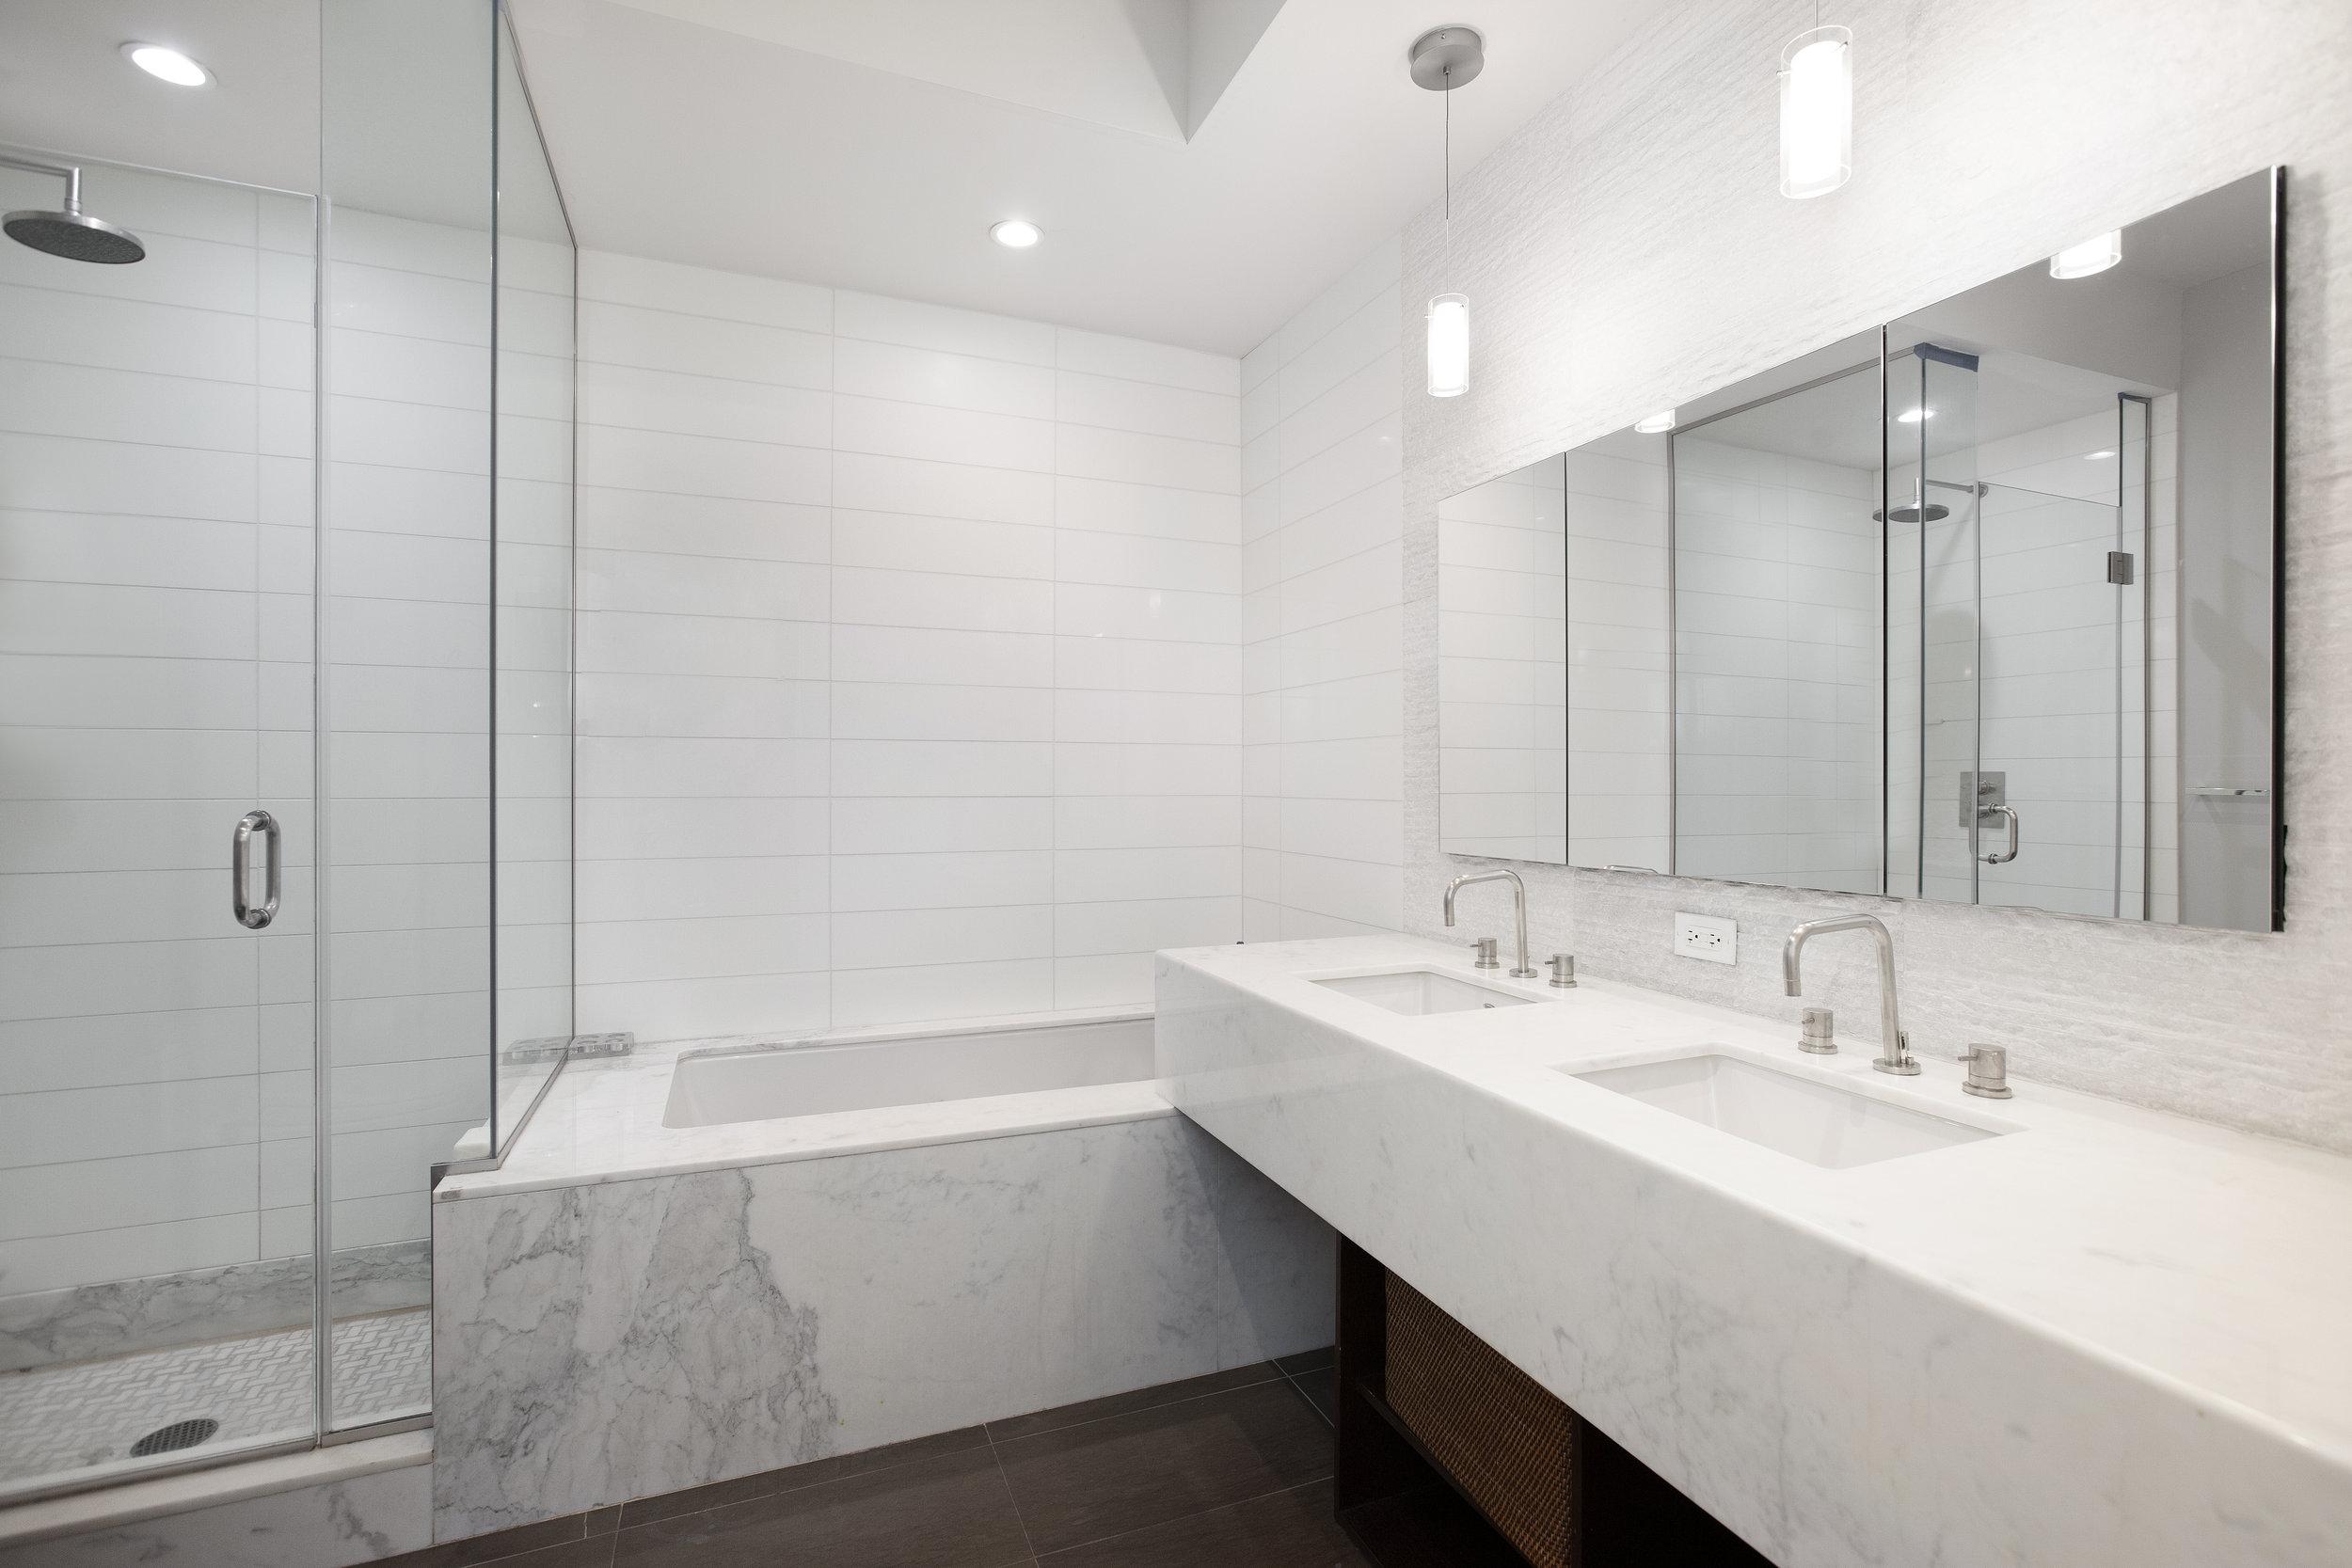 West_60th_Street_243_3A_Master_Bathroom_.jpg